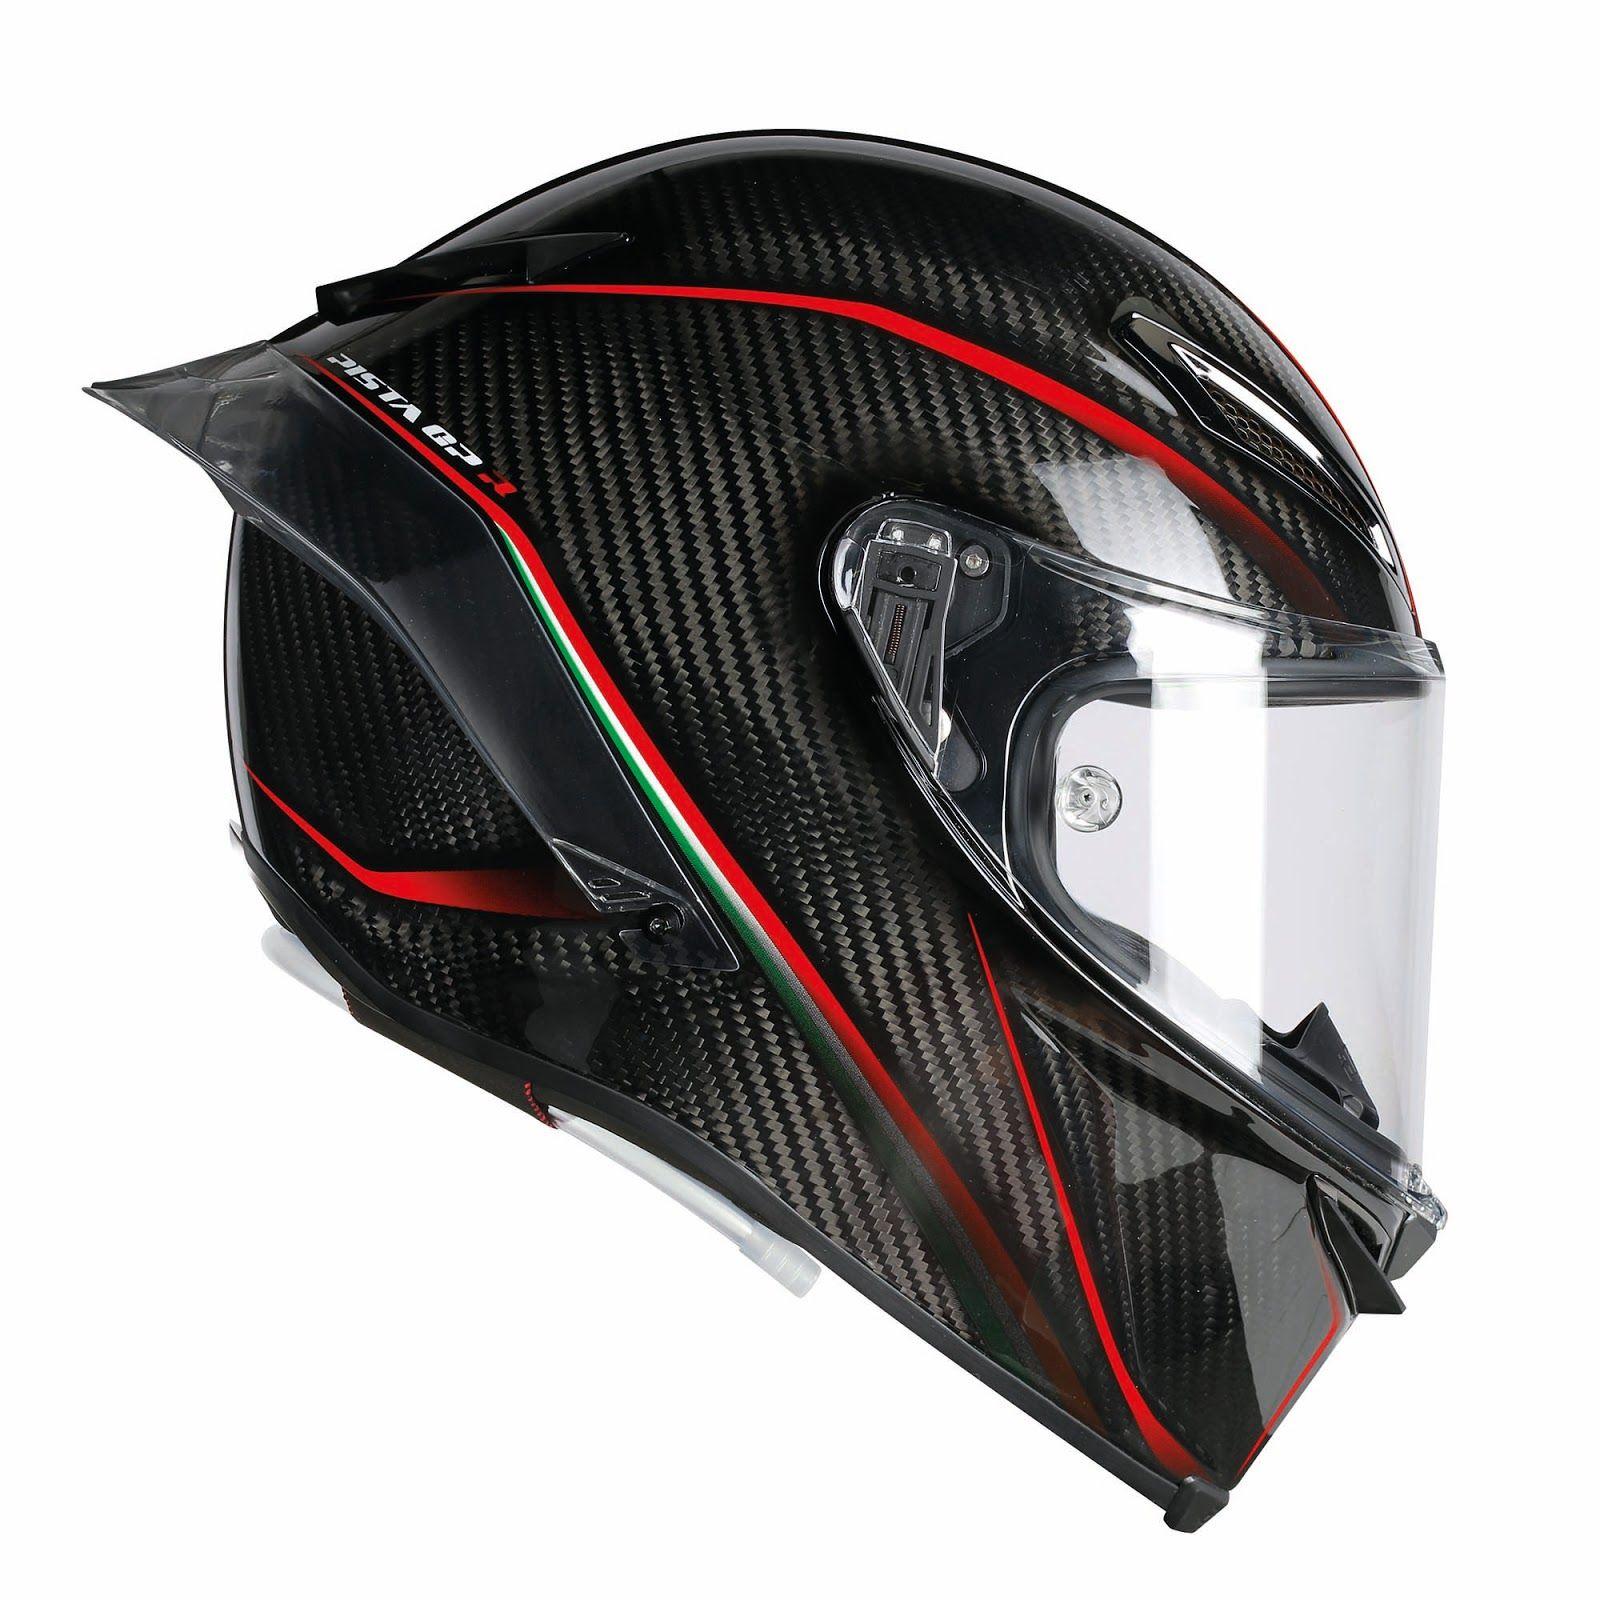 Νέο Κράνος Μοτοσυκλέτας AGV Pista GP R